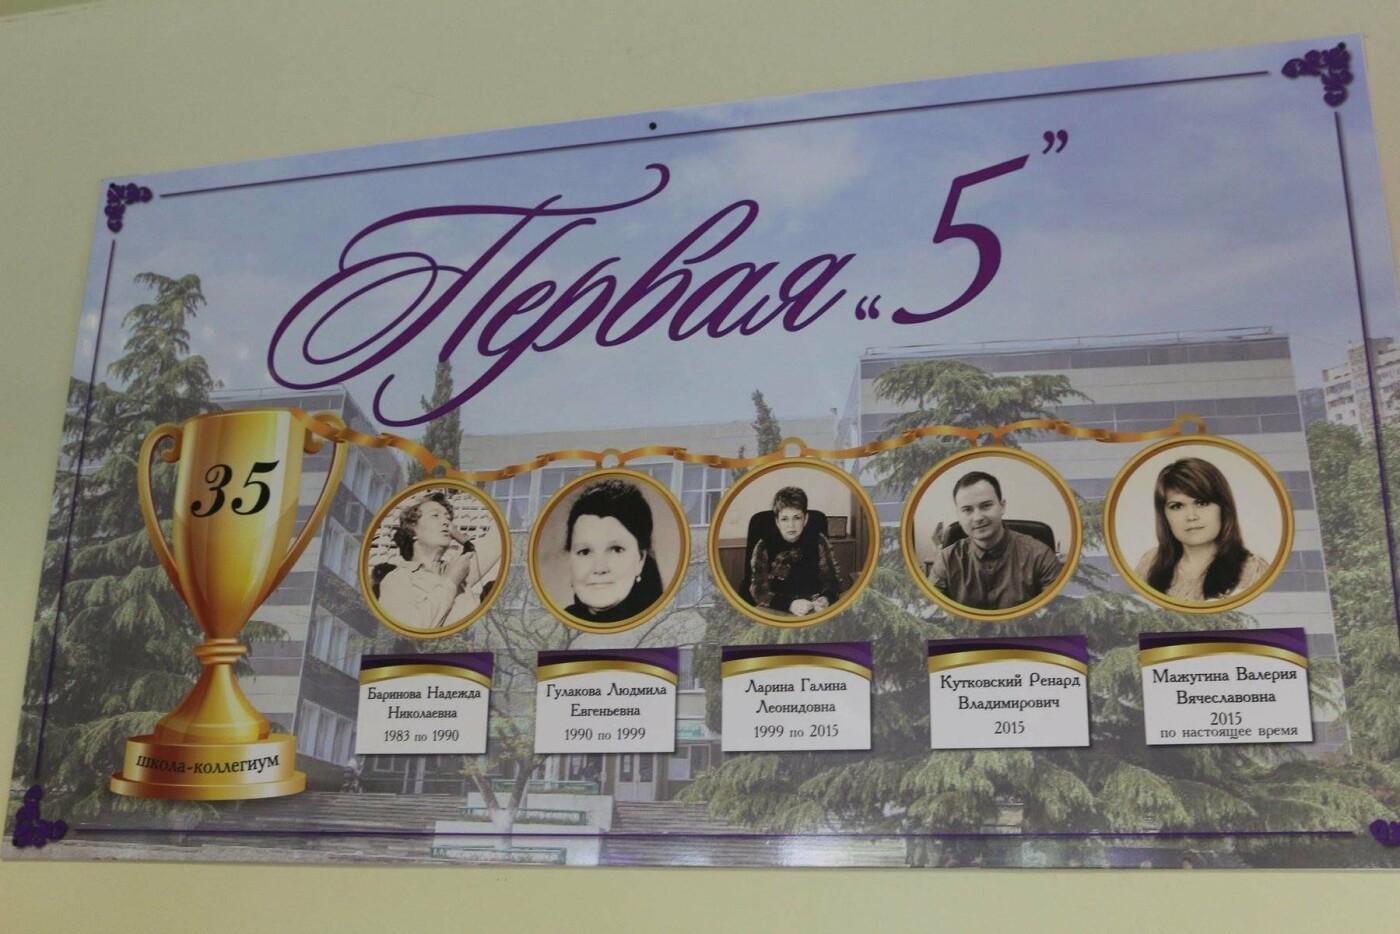 Ялтинская школа № 1 сегодня празднует 35-летний юбилей, фото-6